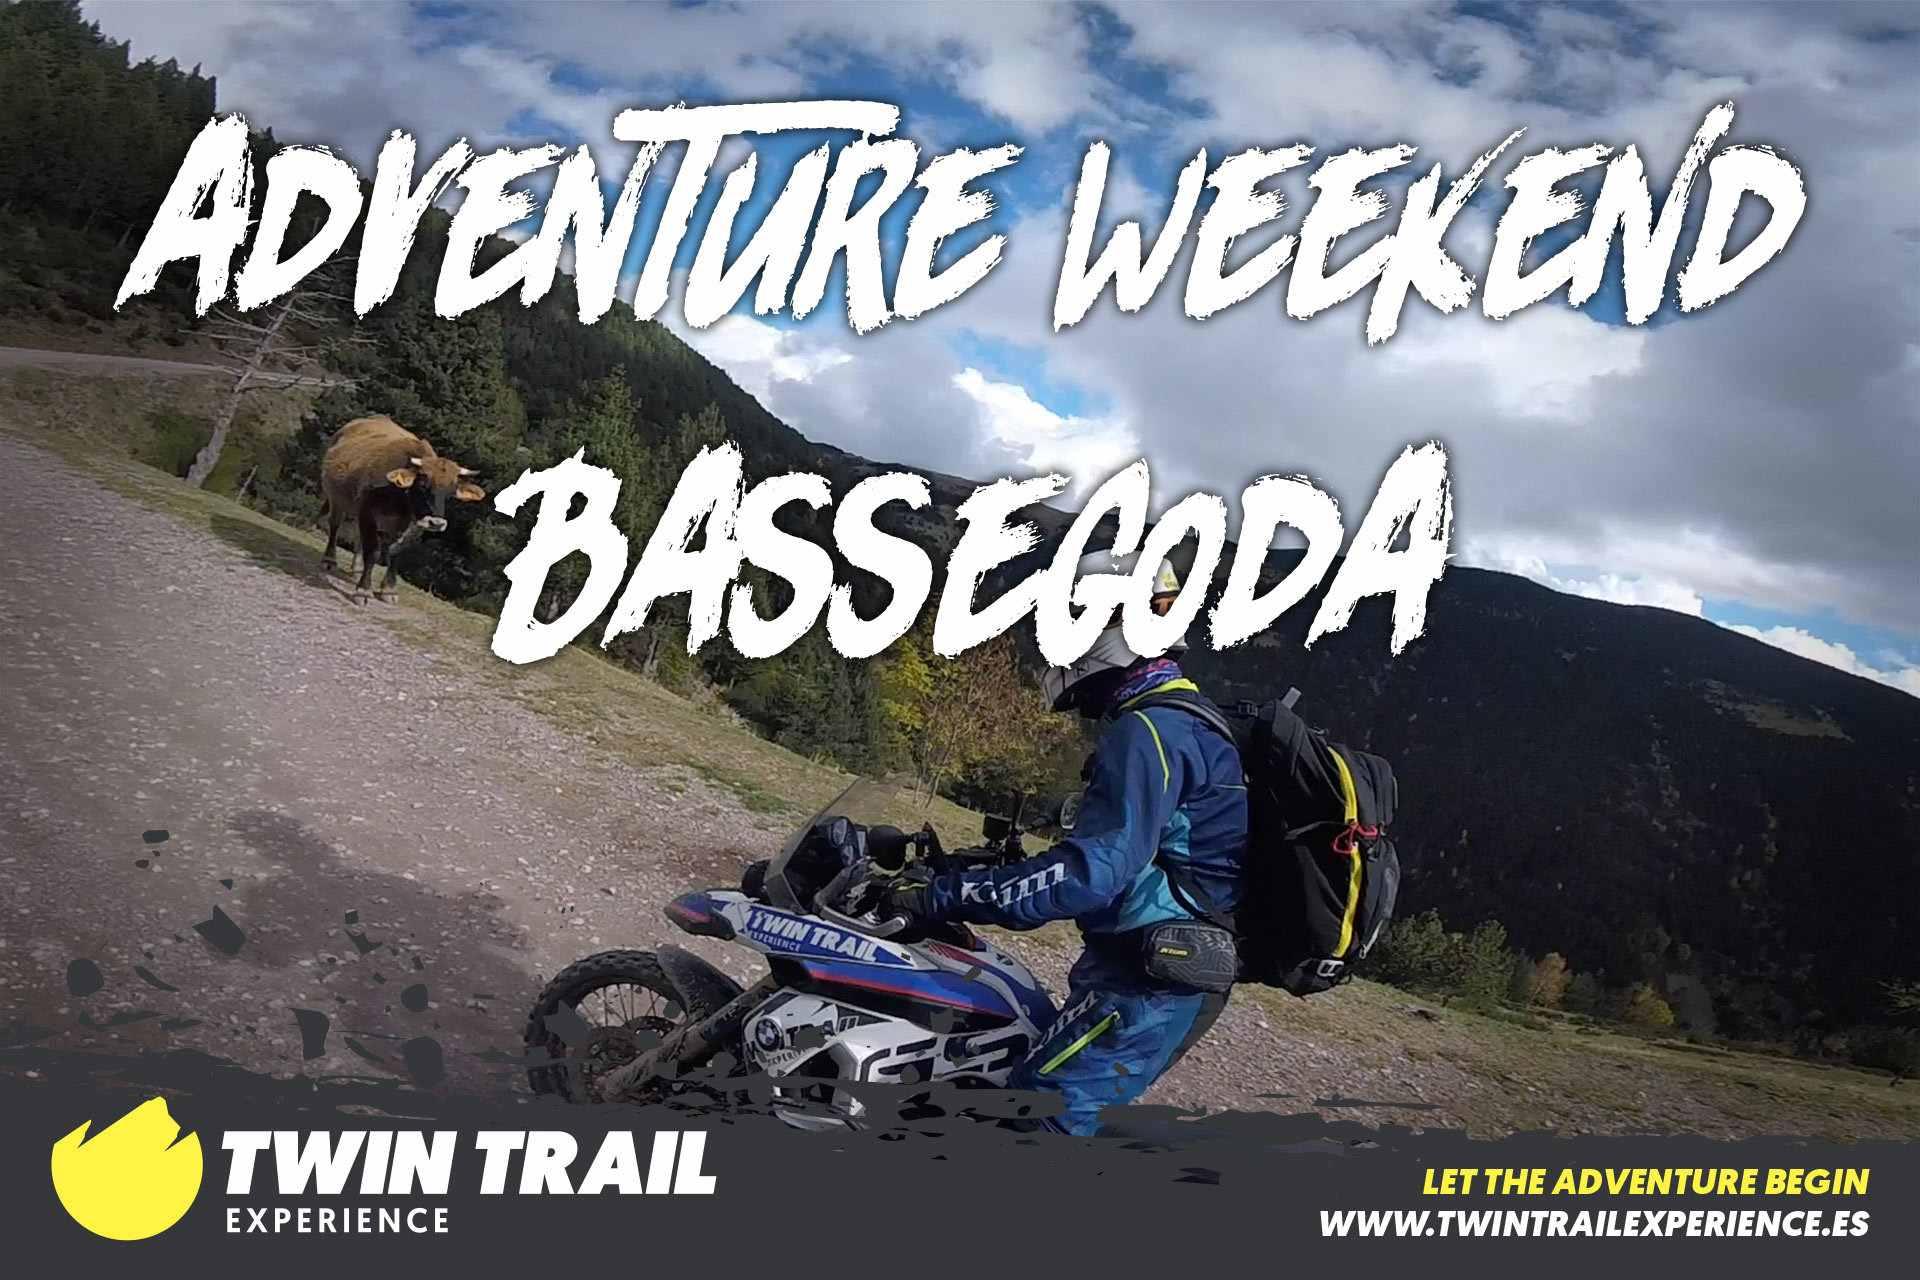 TwinTrail Adventure Weekend Bassegoda